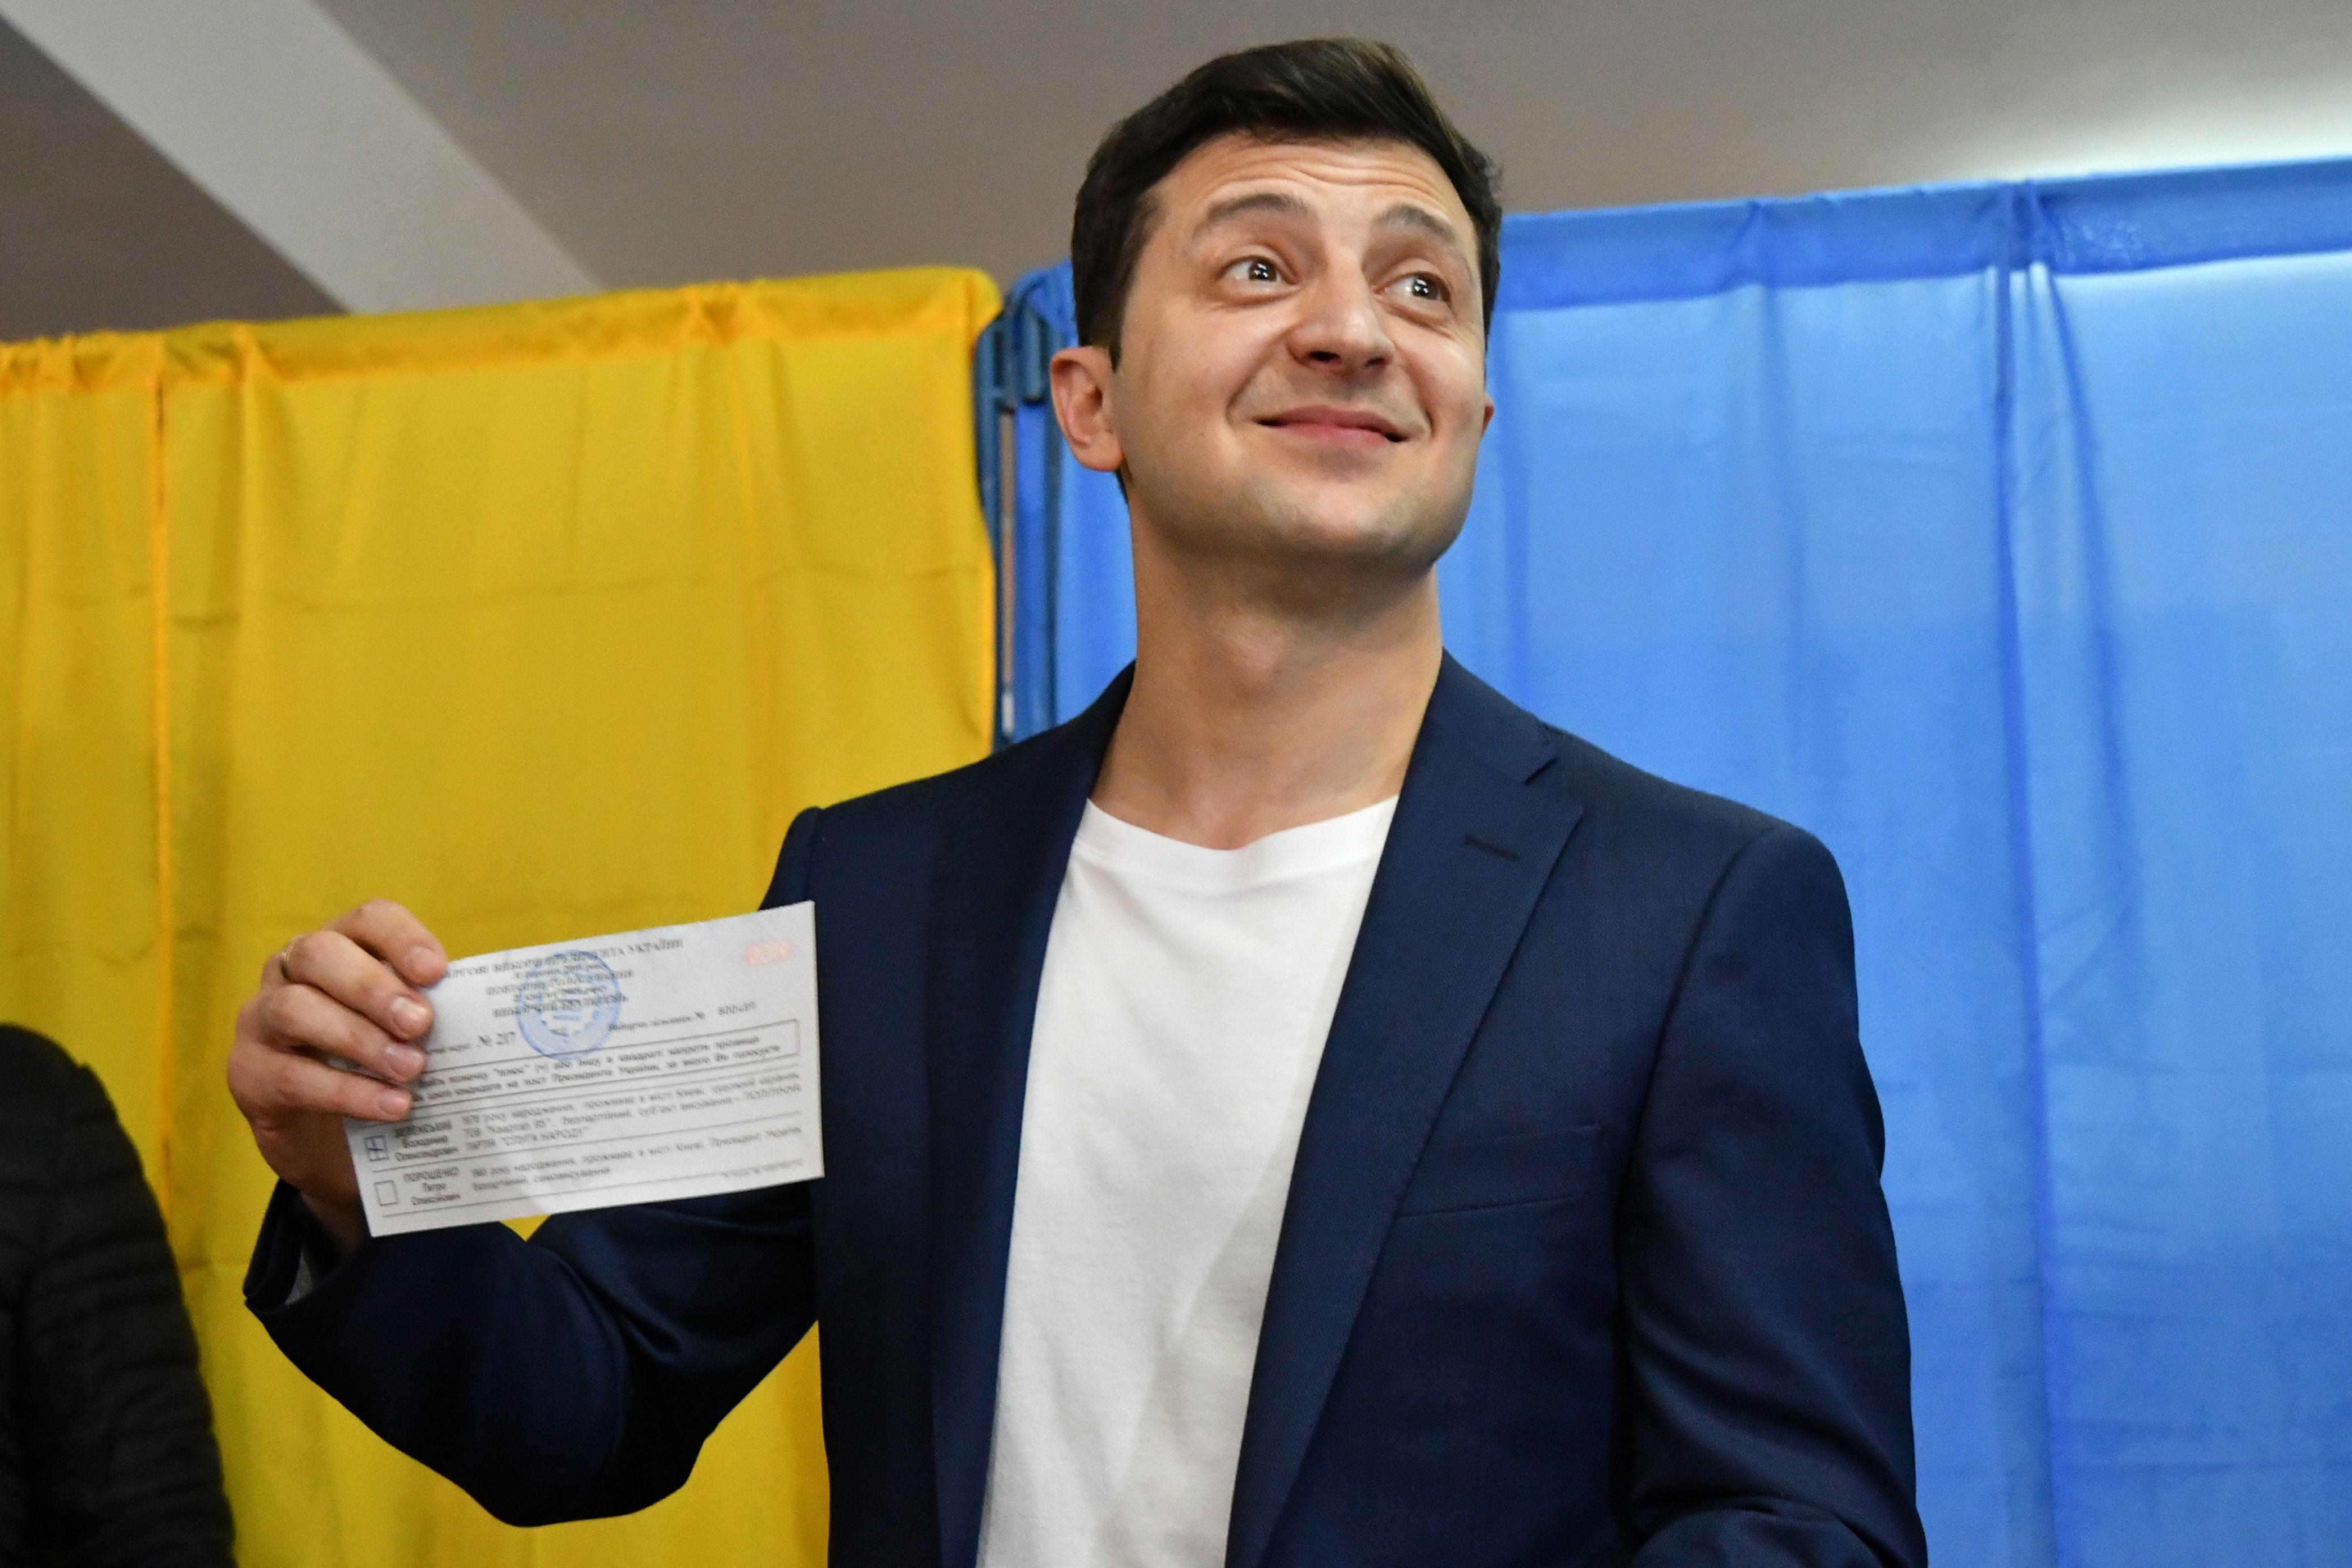 Зеленський сплатив штраф за показаний у 2-му турі виборів бюлетень - Цензор.НЕТ 9923